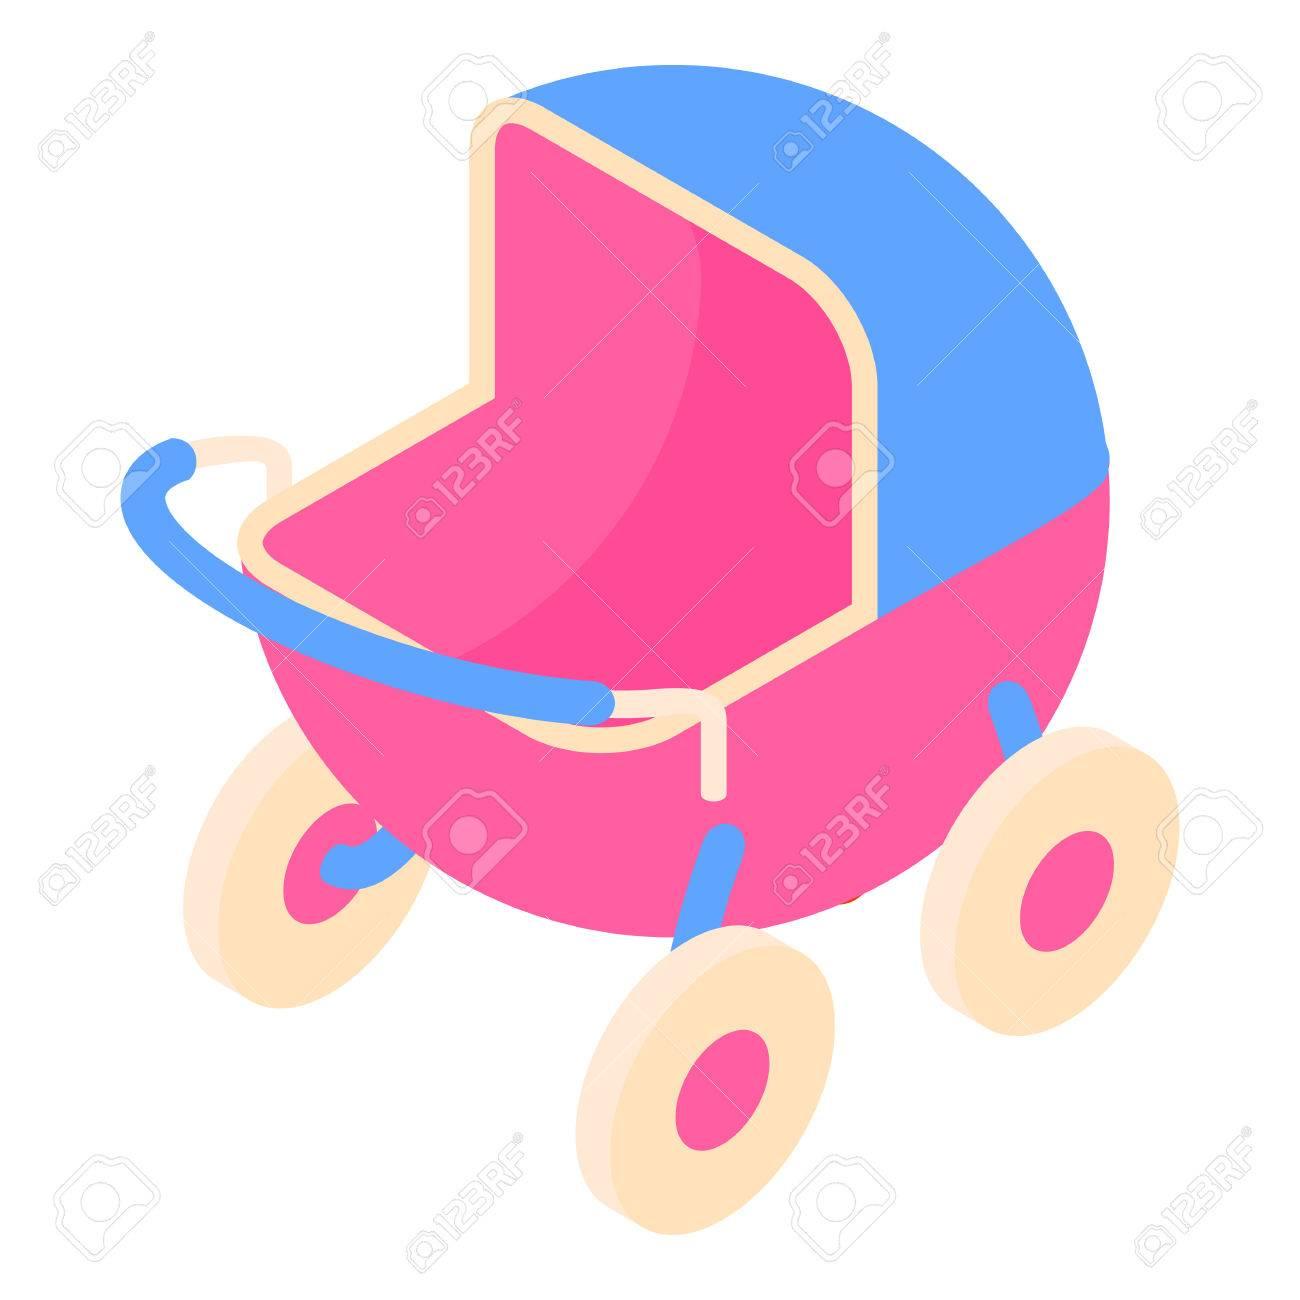 Icono de cochecito de bebé en estilo de dibujos animados aislado en el fondo blanco ilustración vectorial